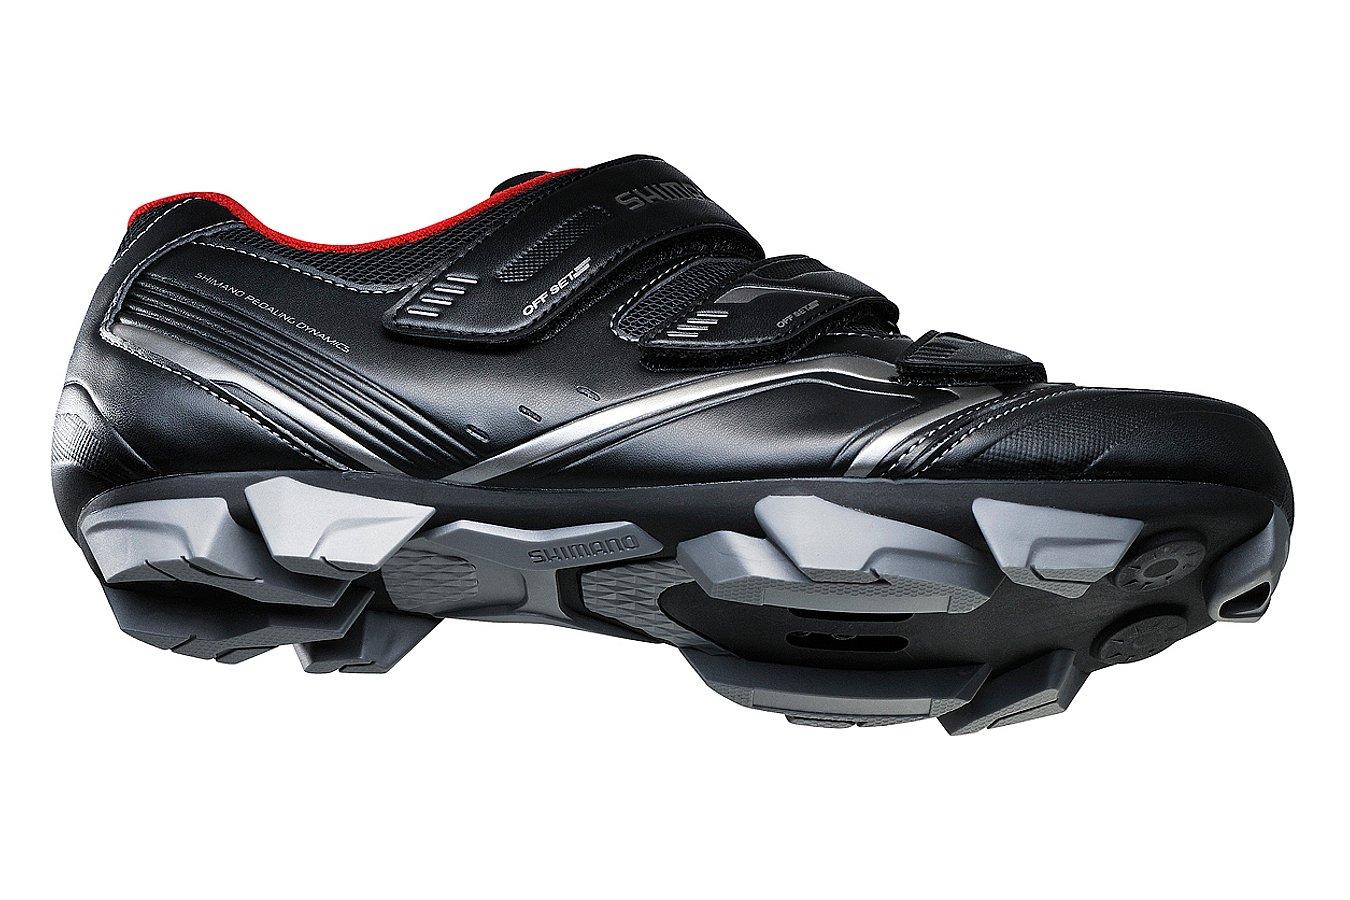 Zapatillas Shimano SH-XC30L negro para hombre Talla 43 2014 Zapatillas MTB: Amazon.es: Deportes y aire libre